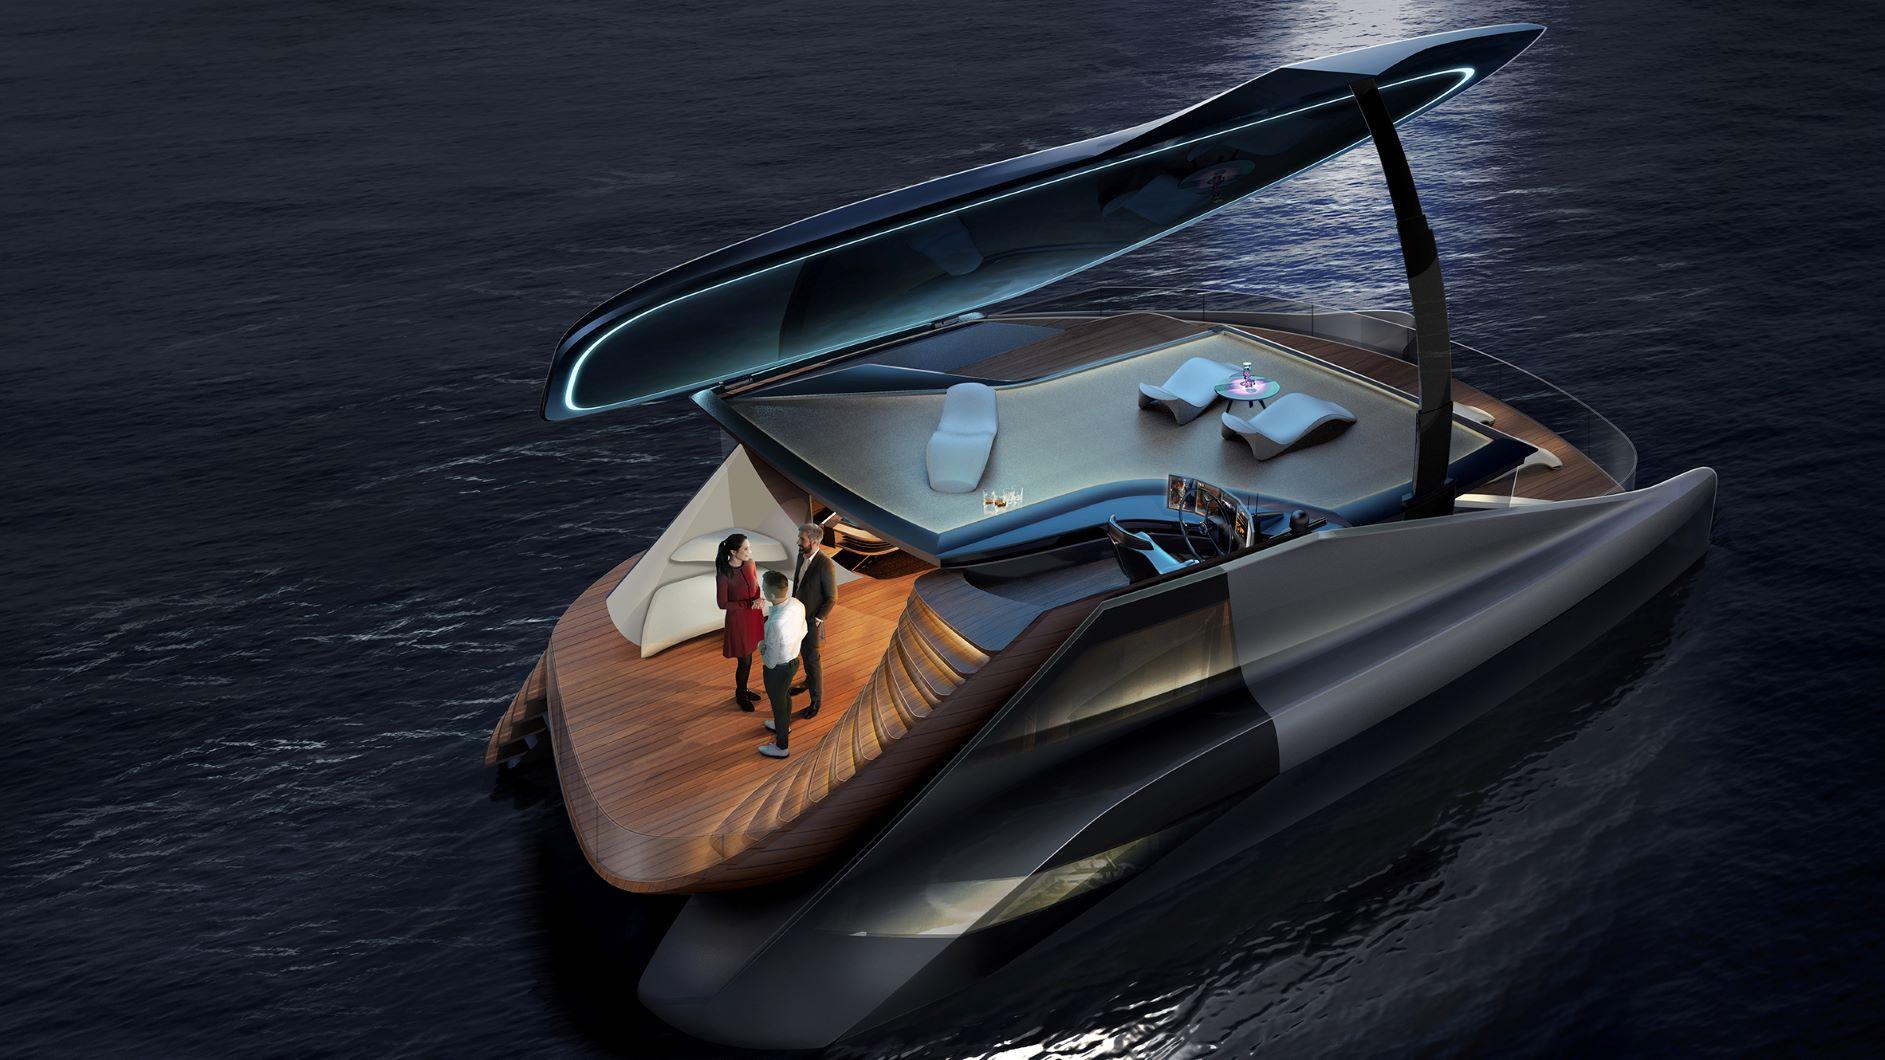 Icona debutta nello yacht design con il concept per un catamarano elettrico